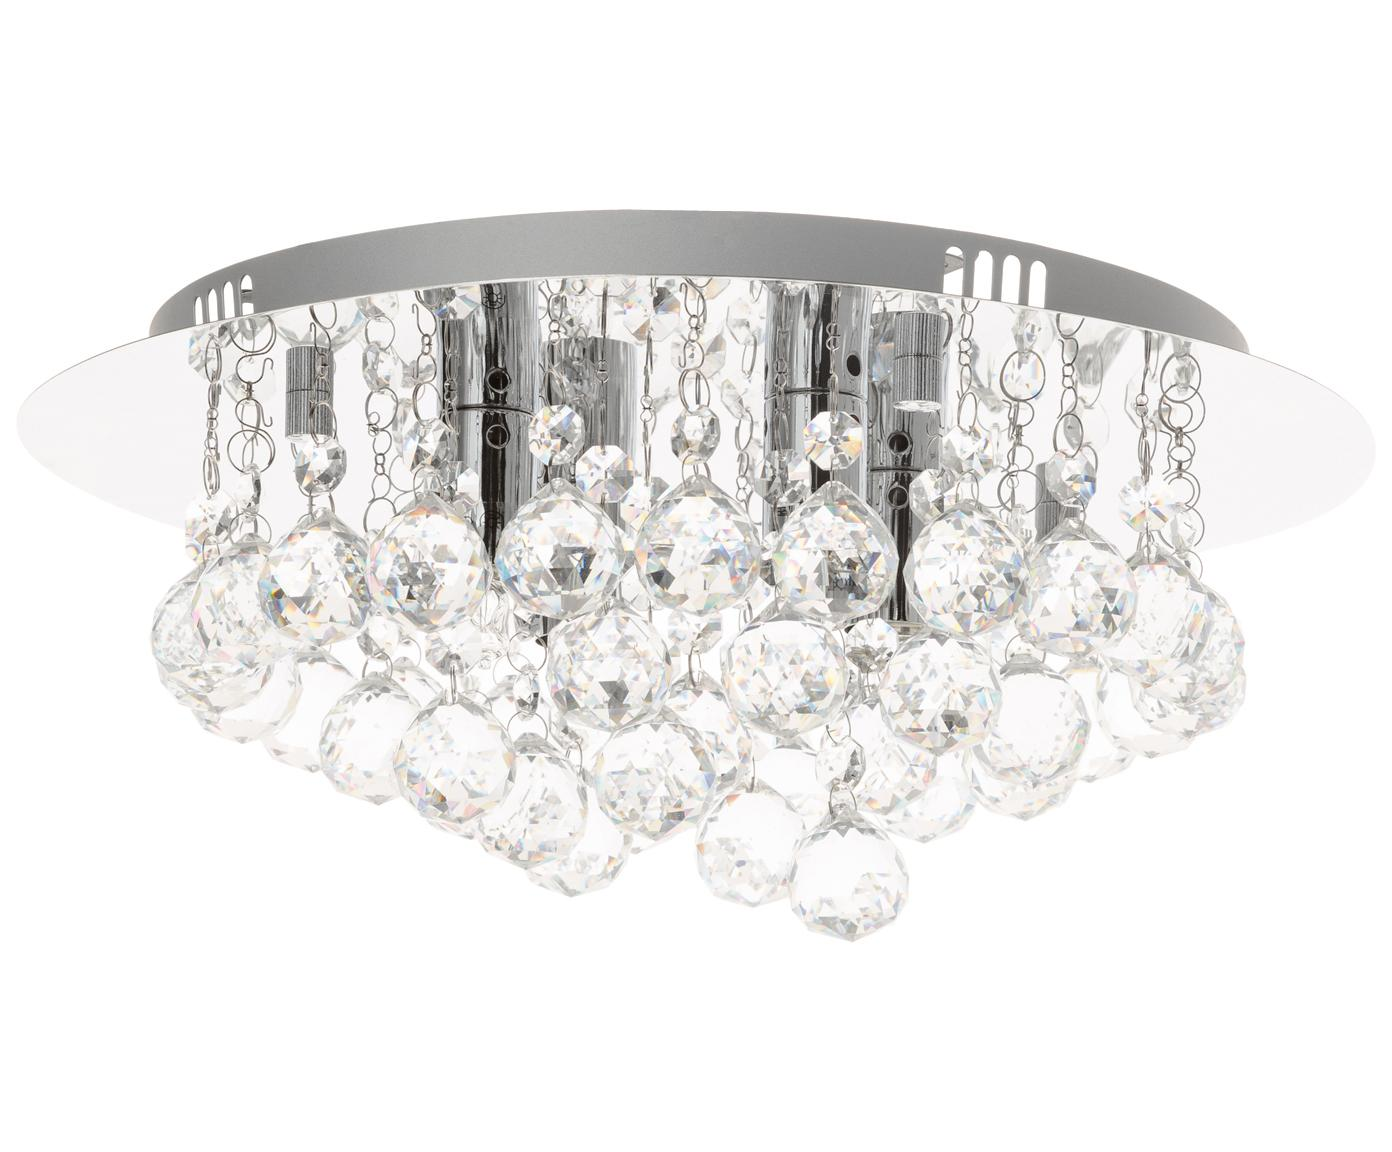 Deckenleuchte Helena mit Glaskristallen, Metall und Kristall, Silber, Ø 35 x H 18 cm